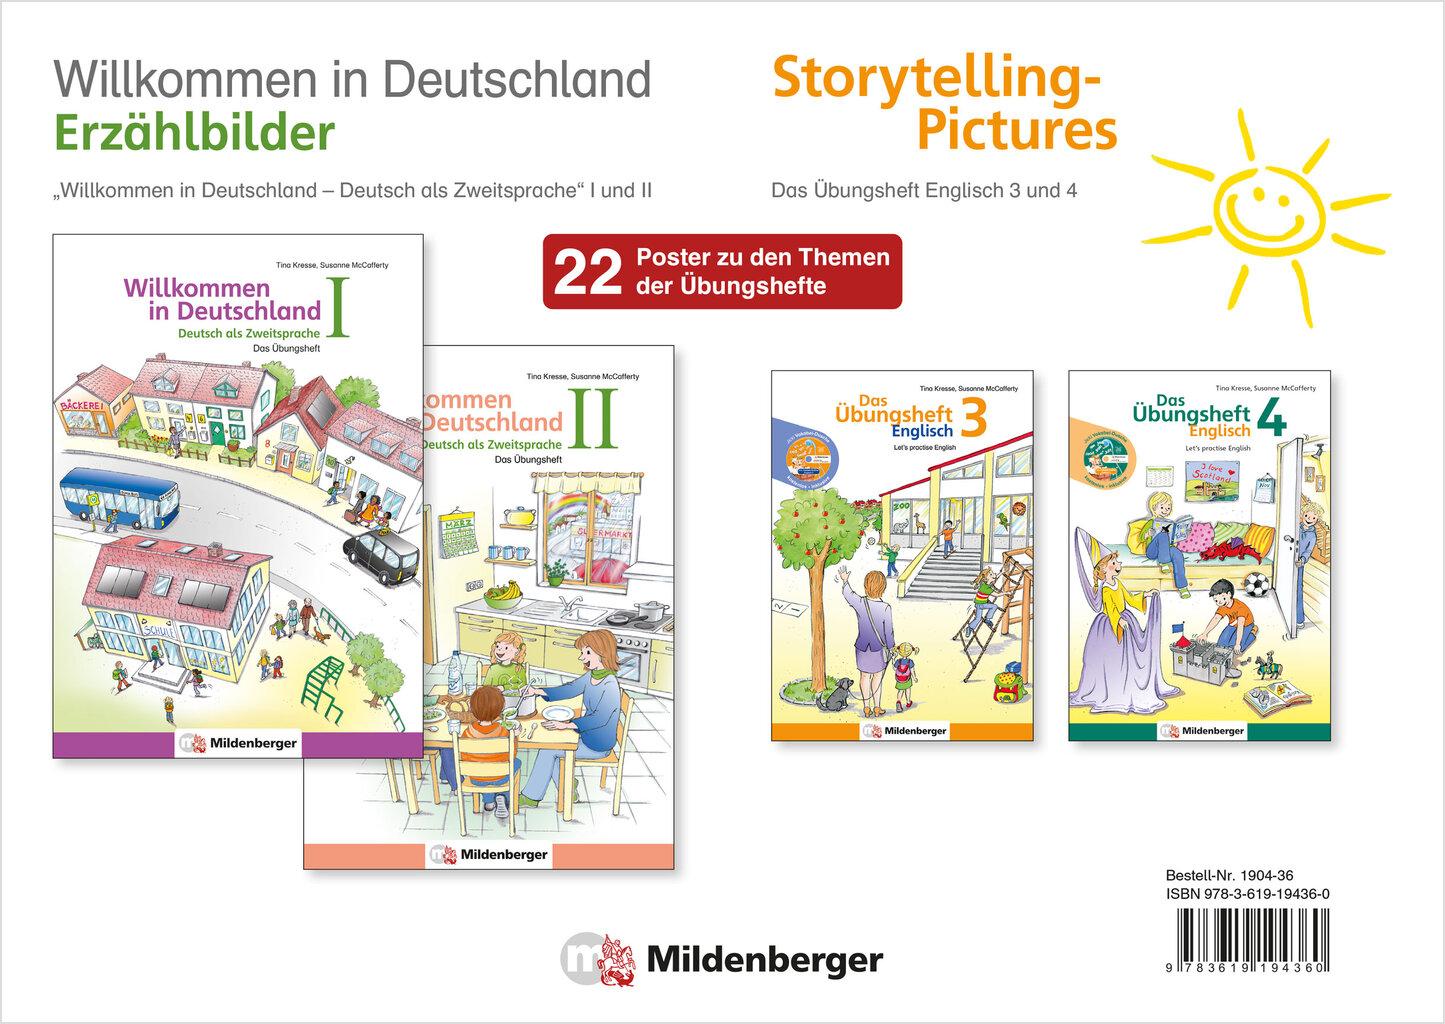 mildenberger verlag gmbh willkommen in deutschland erz hlbilder storytelling pictures. Black Bedroom Furniture Sets. Home Design Ideas